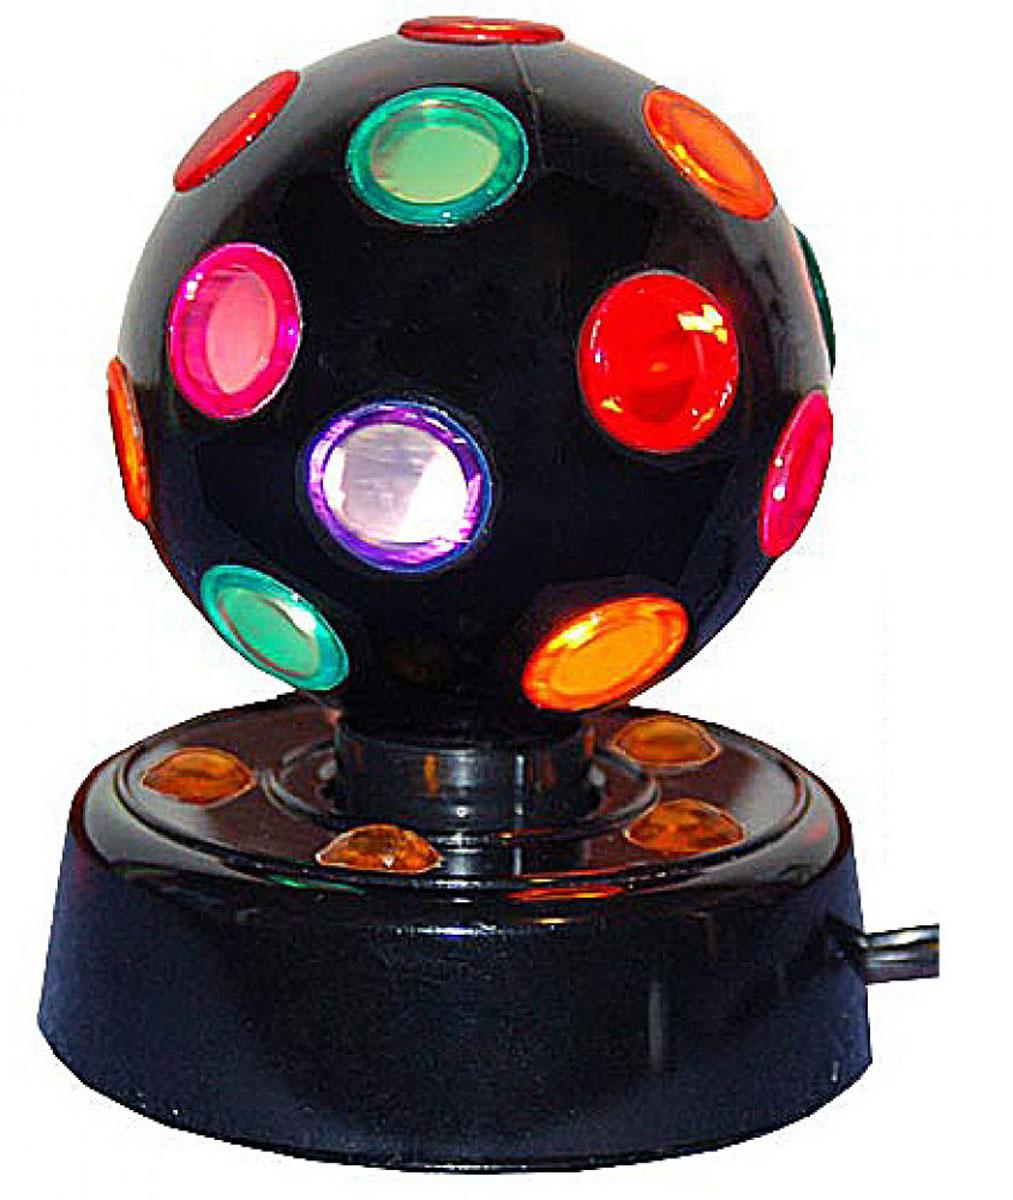 Светильник Эврика Дискошар, цвет: черный, диаметр 14 см92696Светильник Эврика Дискошар предназначен для оформления праздничных вечеринок. При включении в сеть шар начинает вращаться и светиться разноцветными огоньками. Дискошар поможет создать атмосферу веселья и превратит любую вечеринку в яркое событие!Работает от сети (220V).Диаметр шара: 14 см.Высота светильника: 20 см.